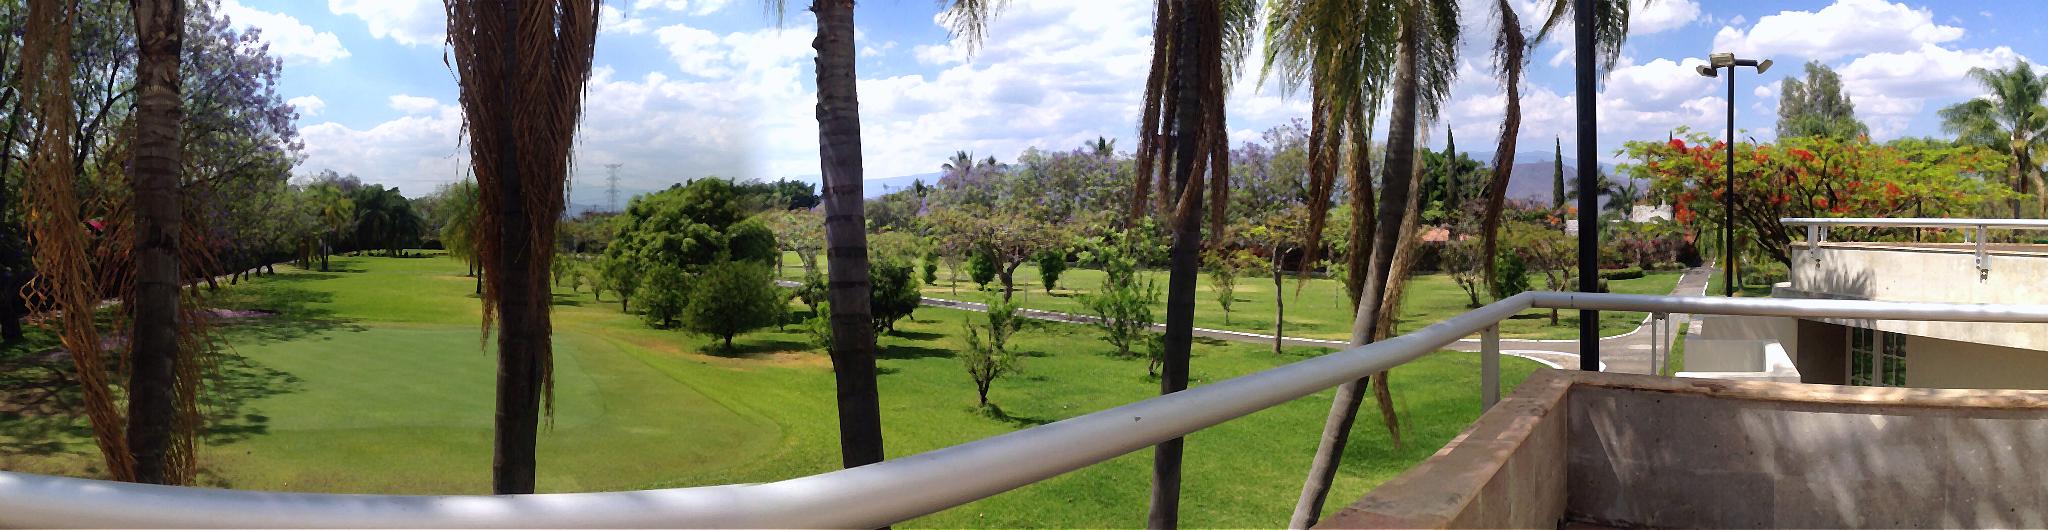 Vista habitacion principal villa toscana.jpg